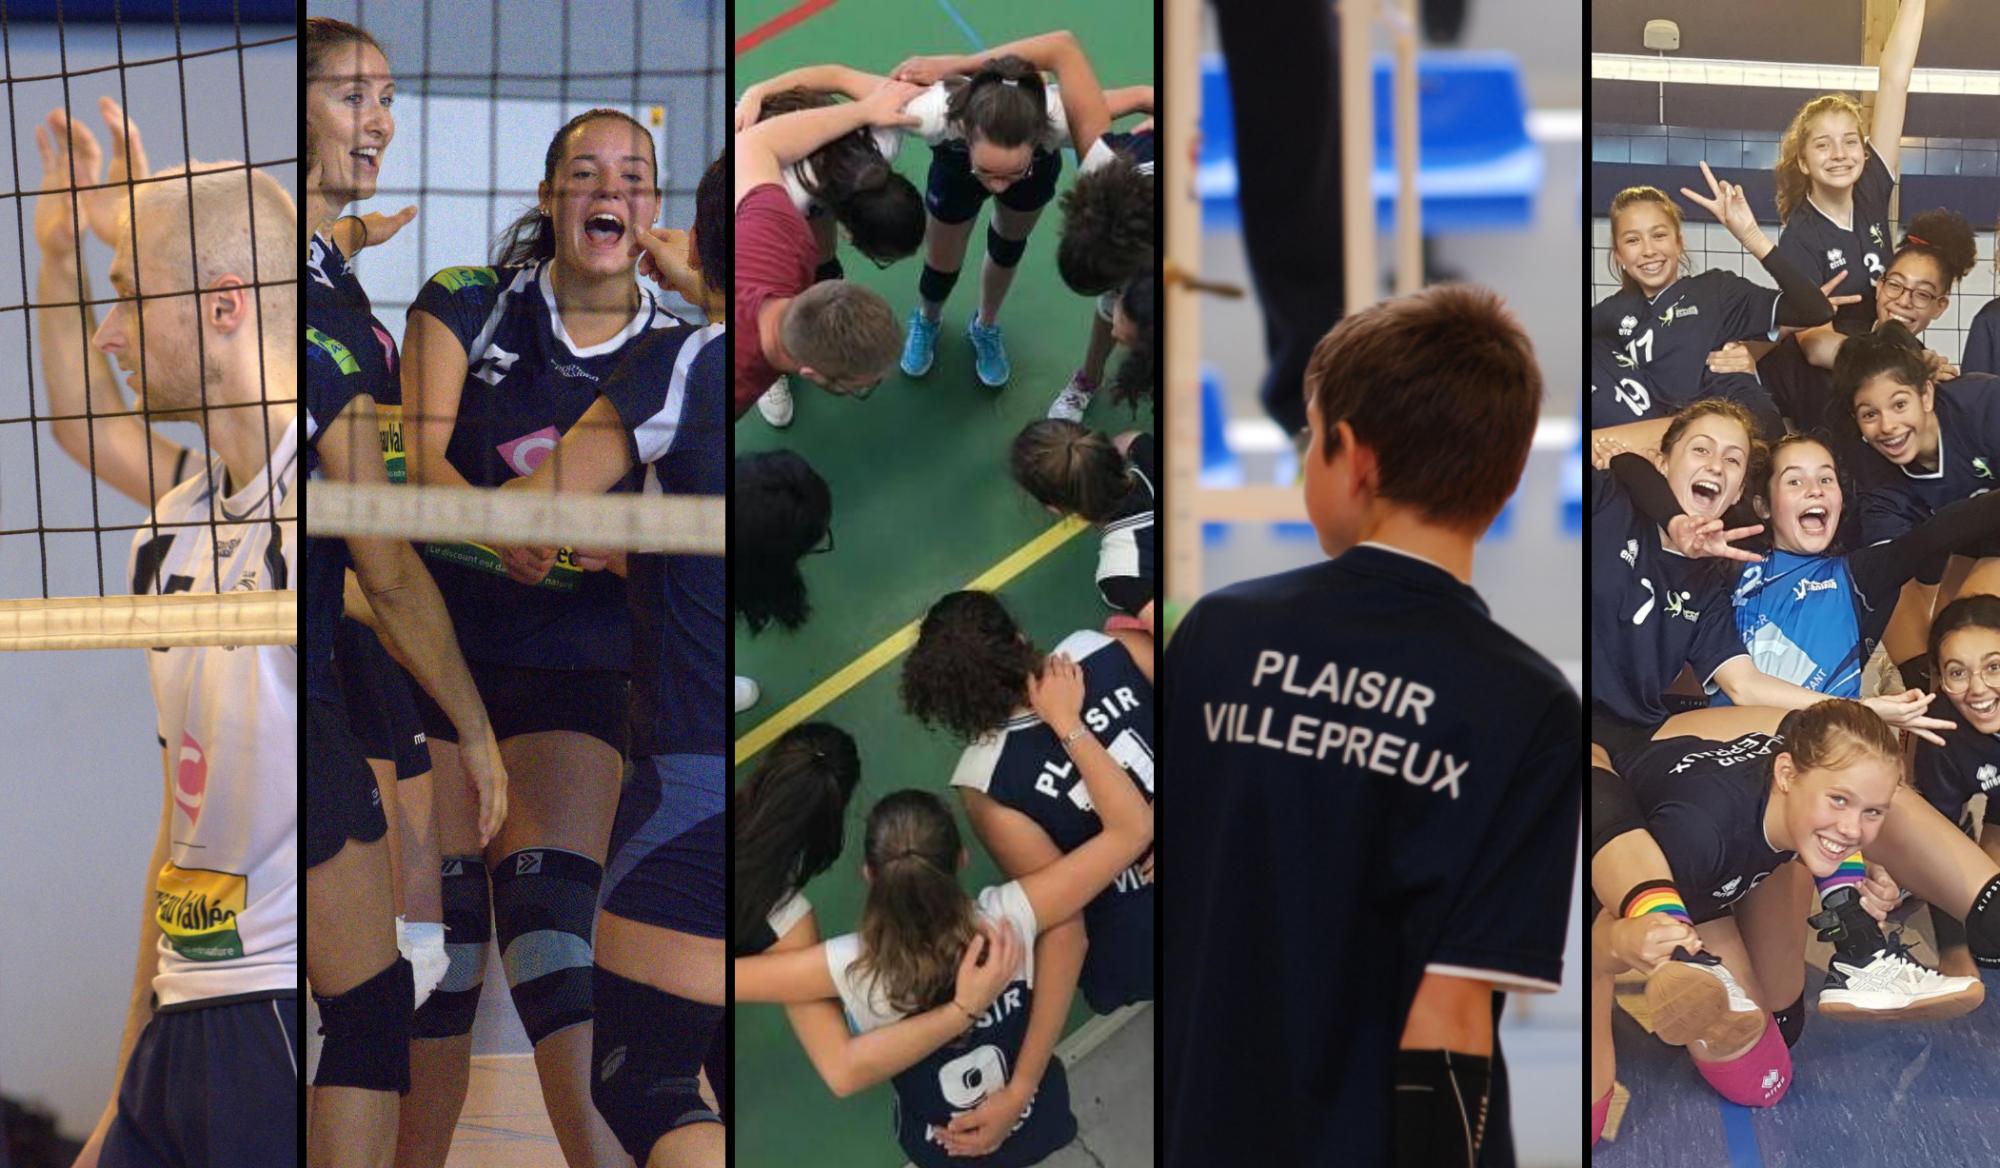 Volley Club Plaisir Villepreux